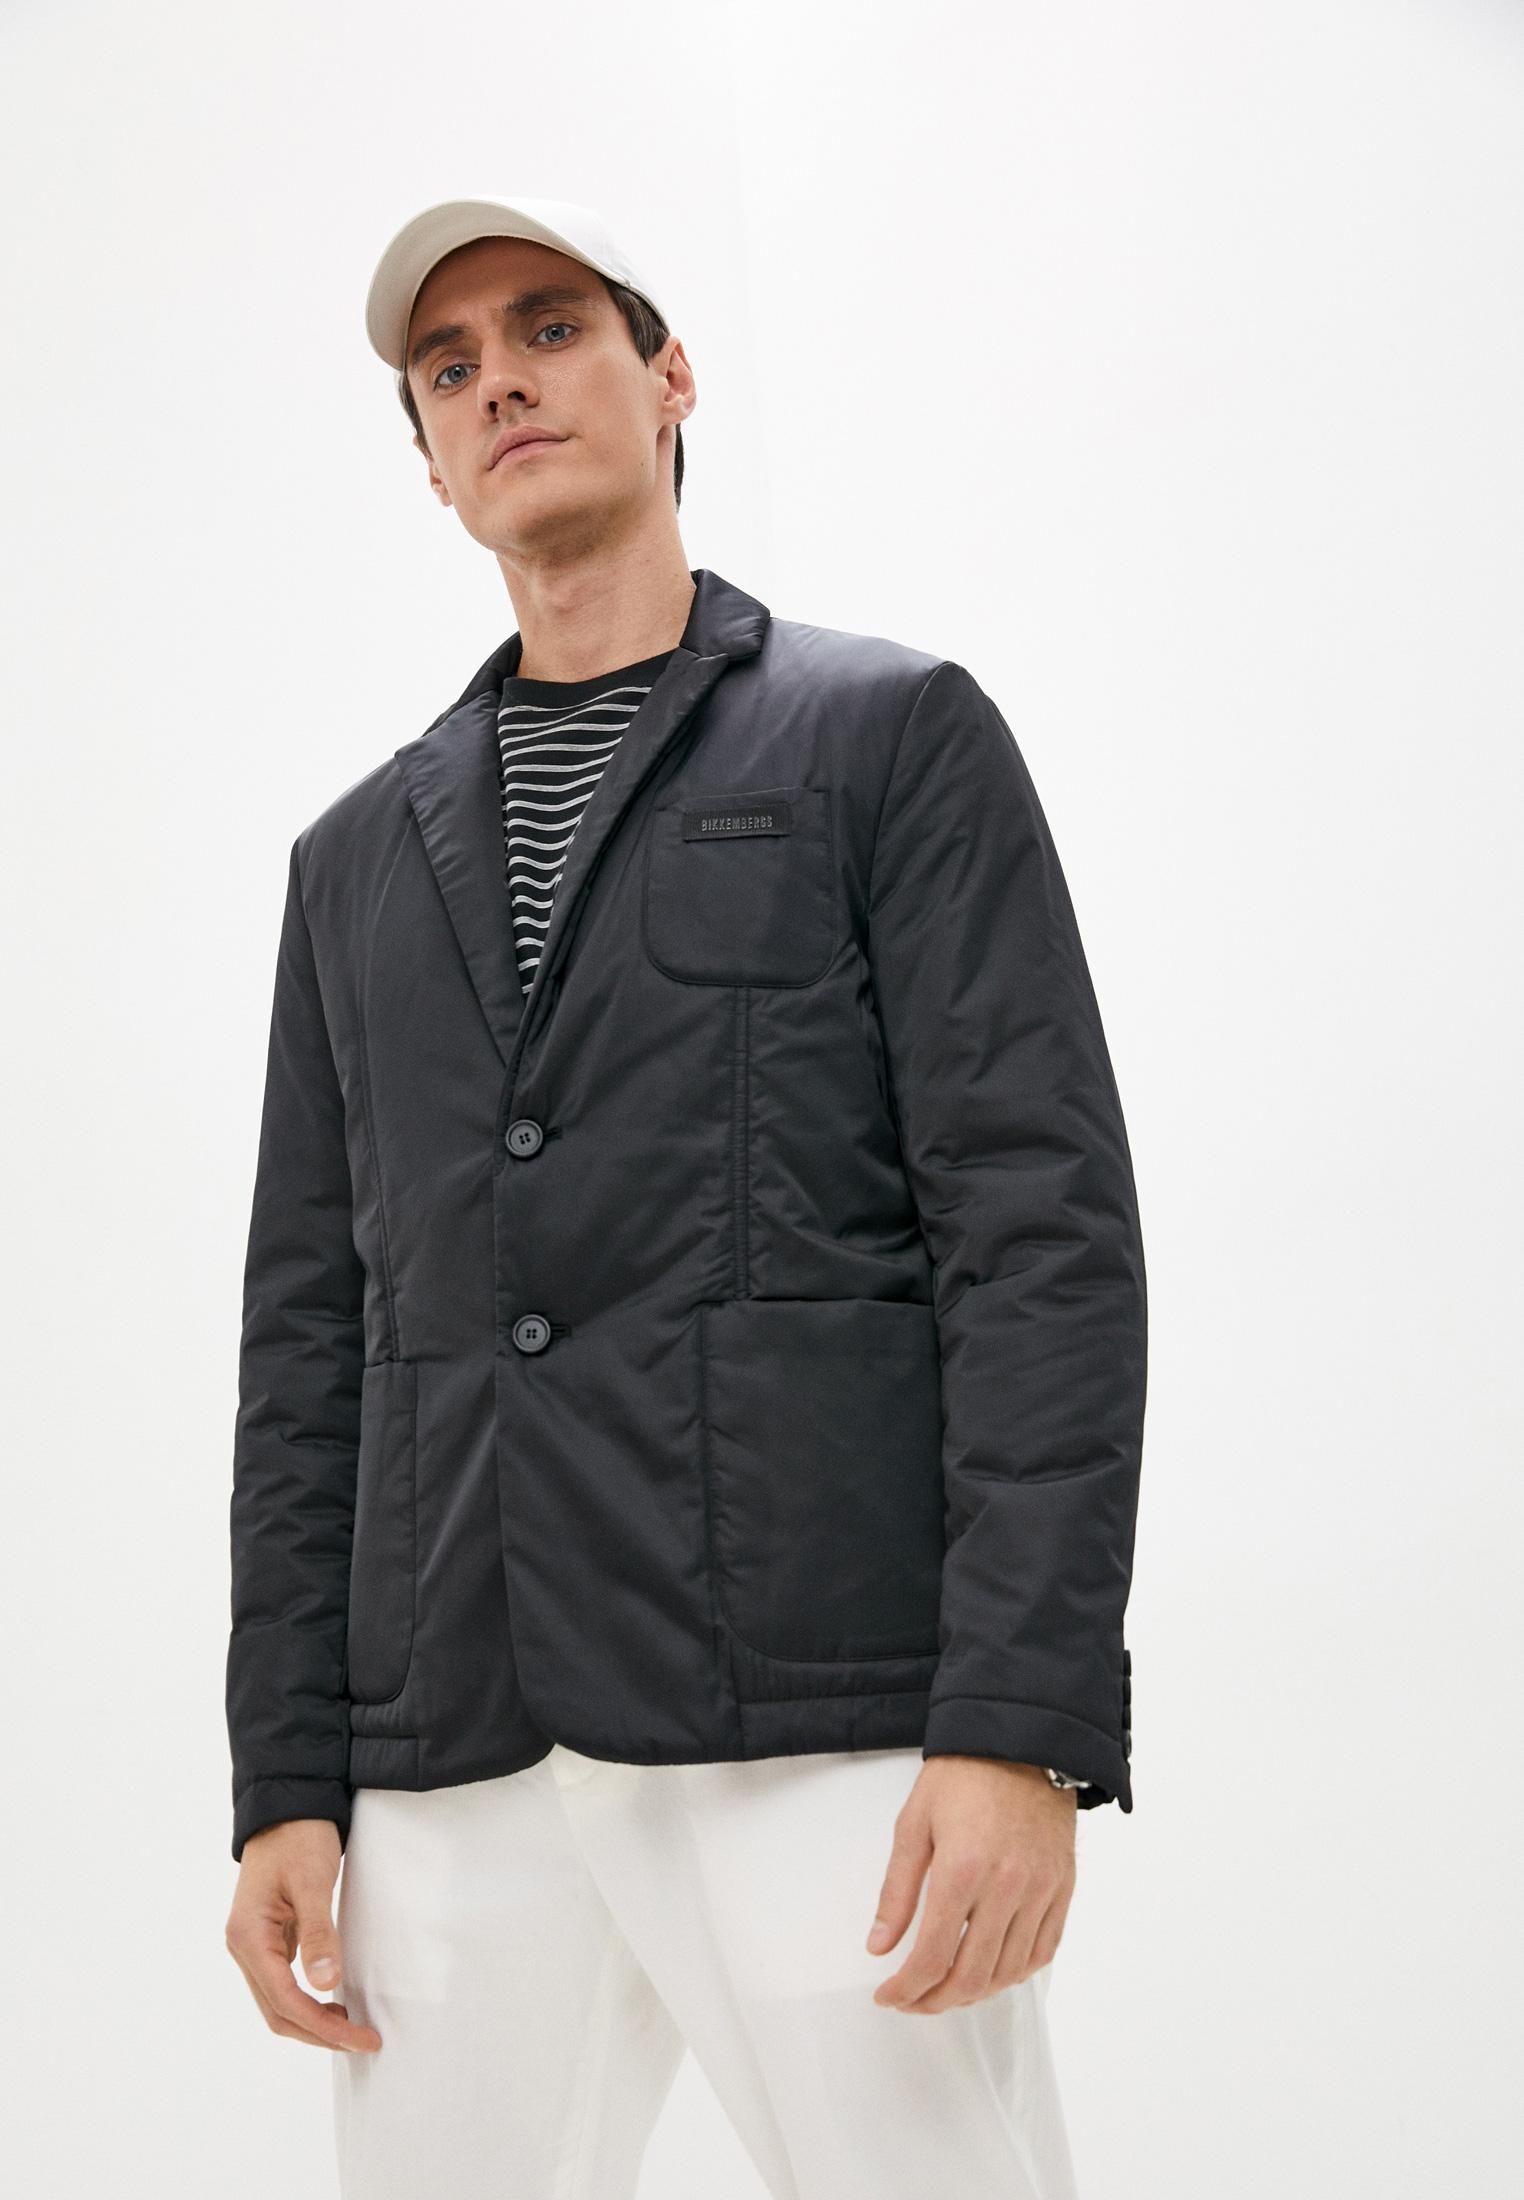 Мужская куртка Bikkembergs (Биккембергс) C I 034 00 T 014A: изображение 1